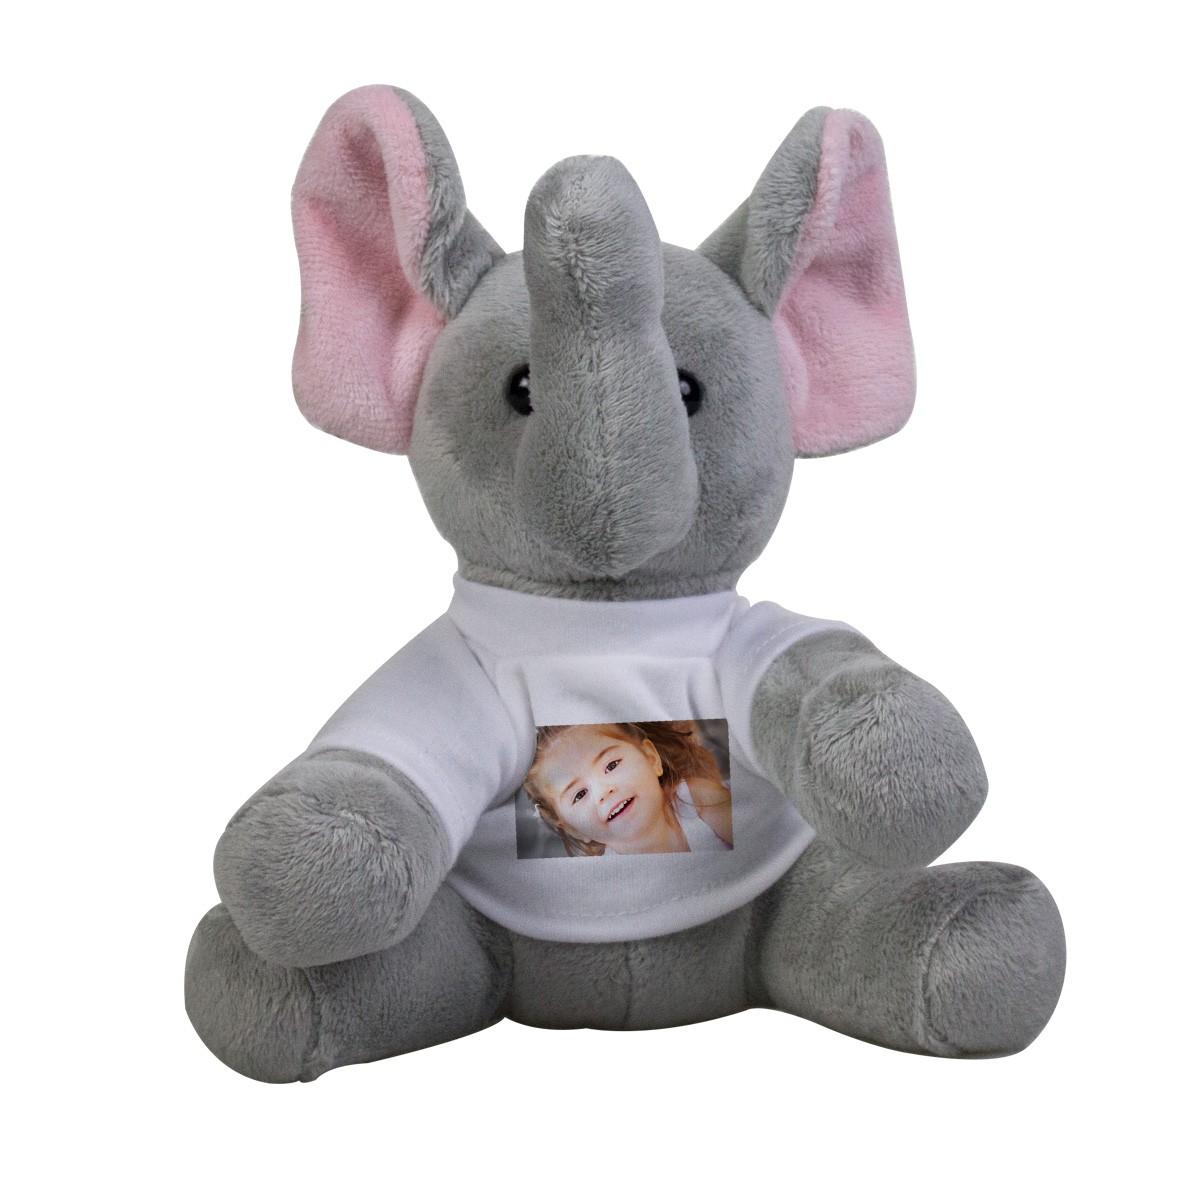 Pluszowy słonik ze zdjęciem